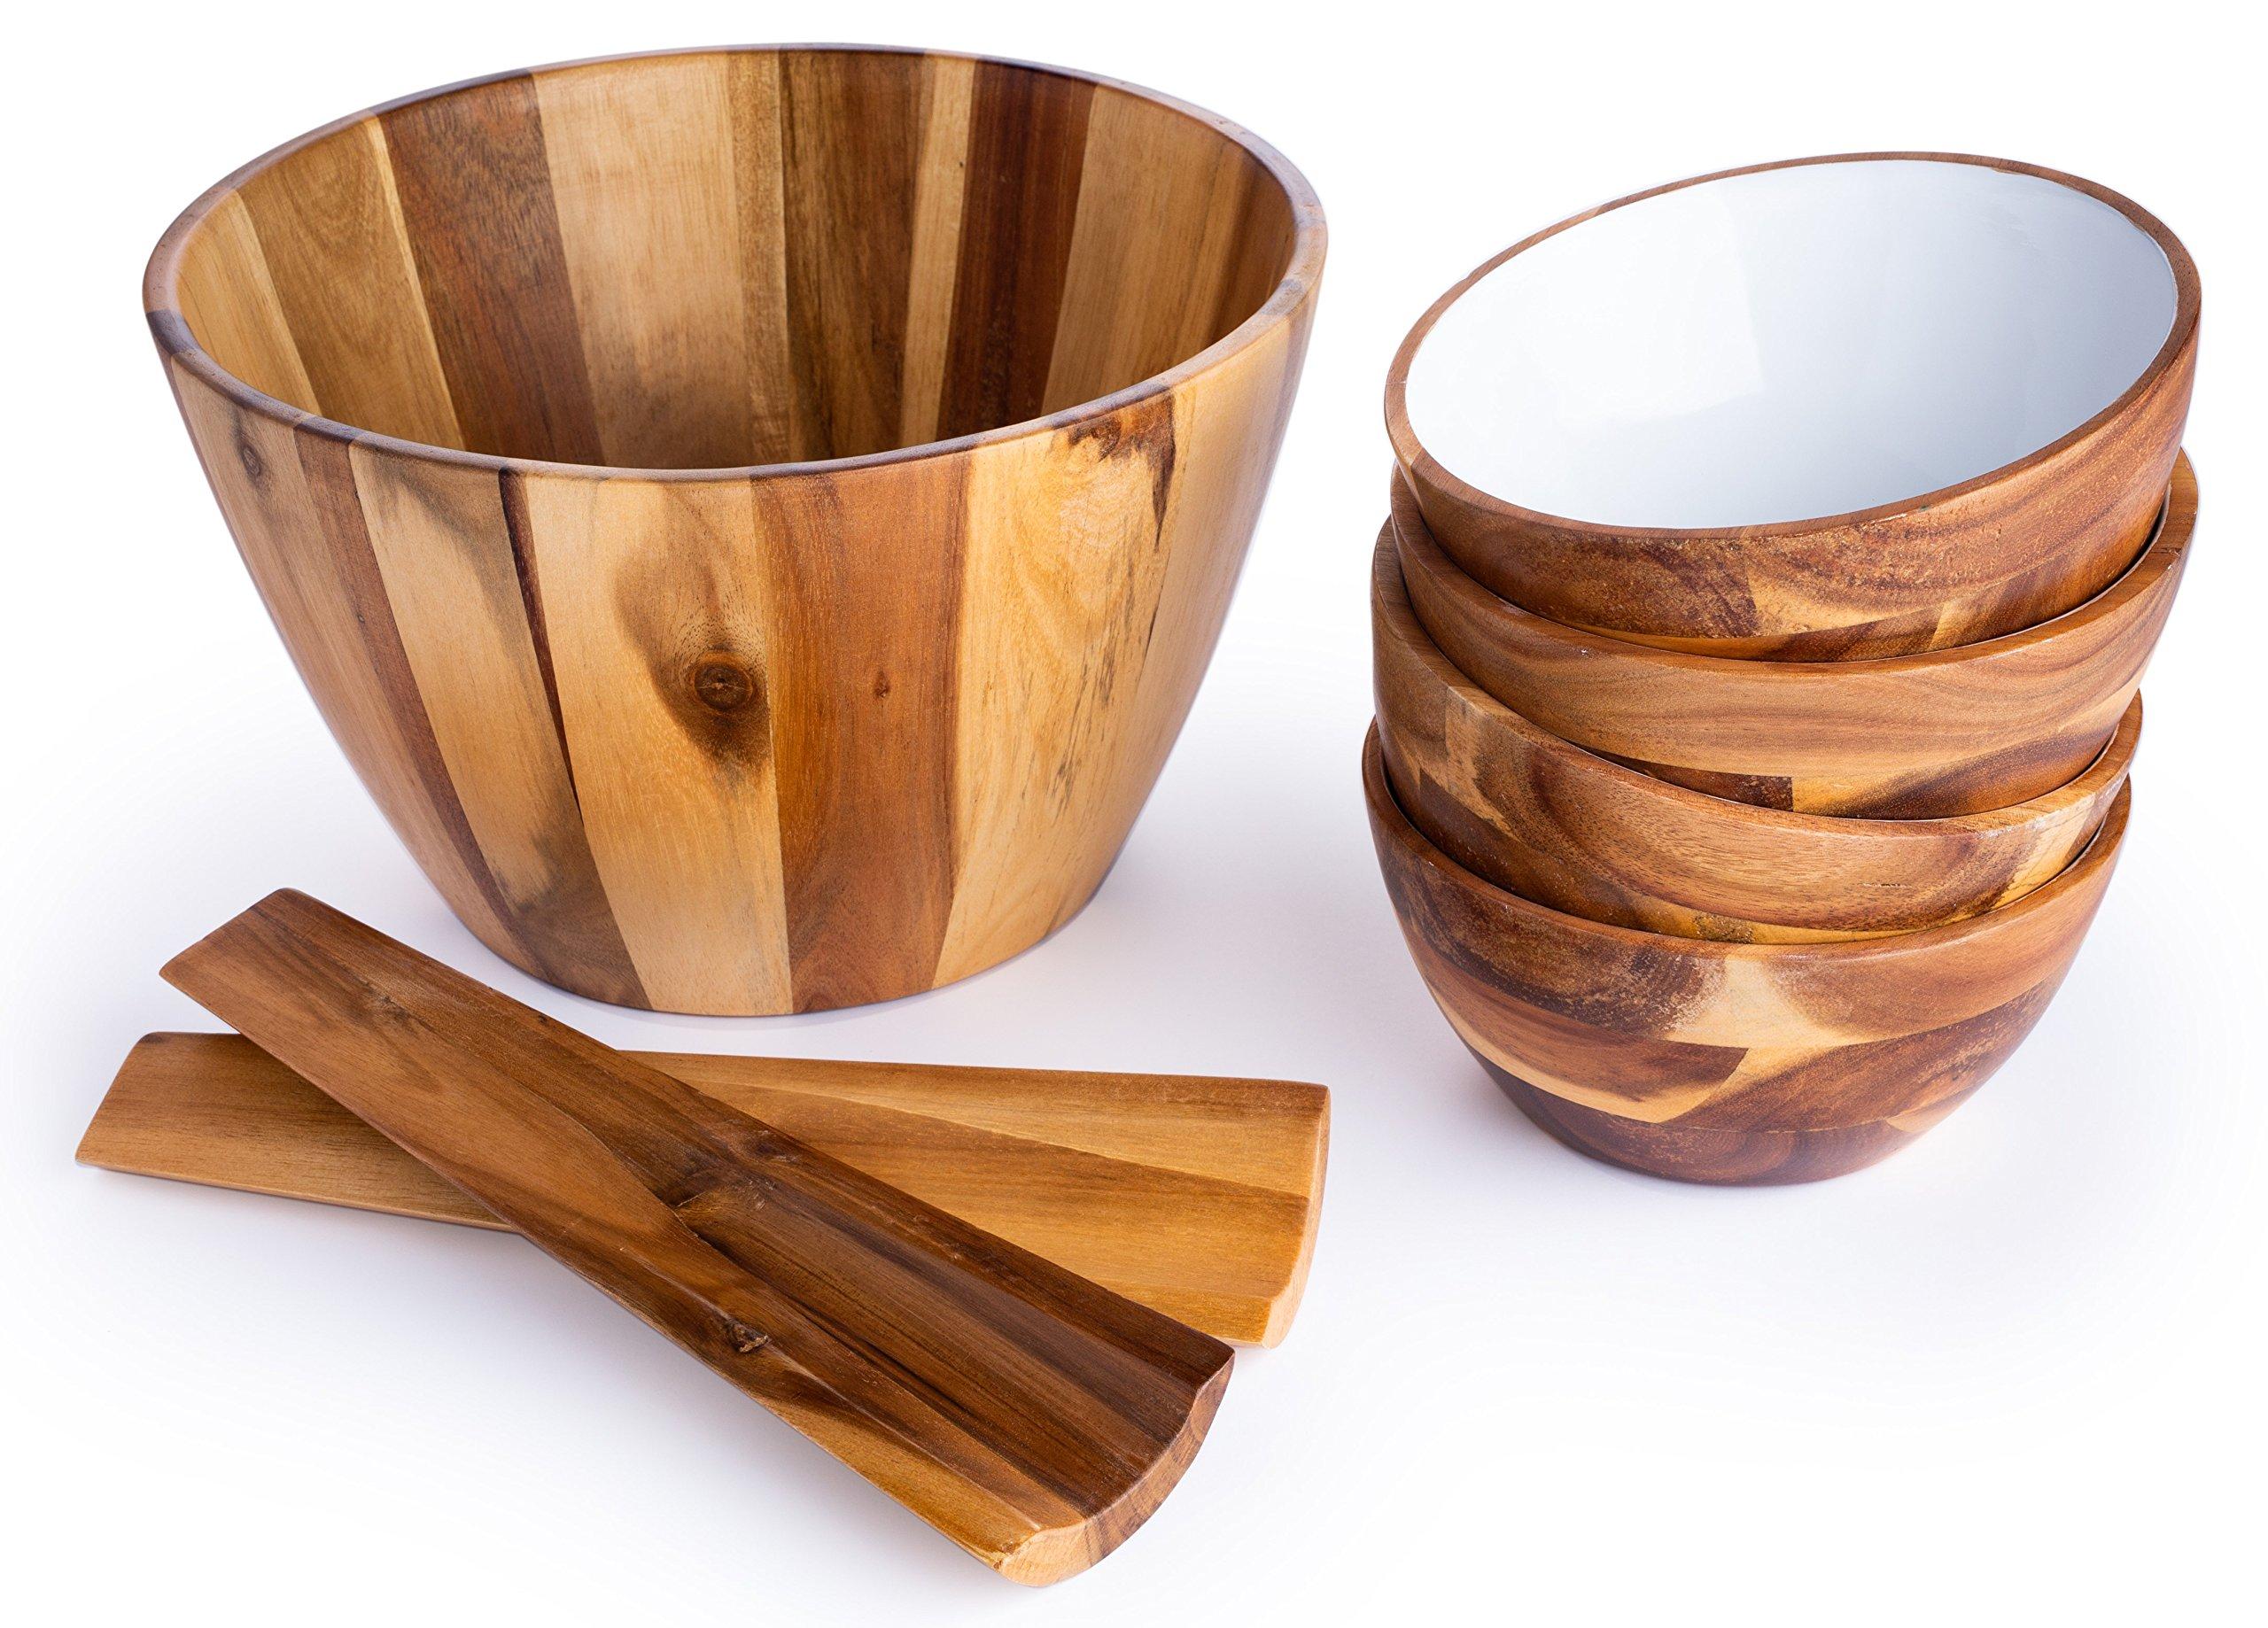 Casa Bellante CB-1806 Acacia Wood Salad Bowl 7-Piece Set Includes Salad Bowl/4 Serving Dish/Utensils, Natural